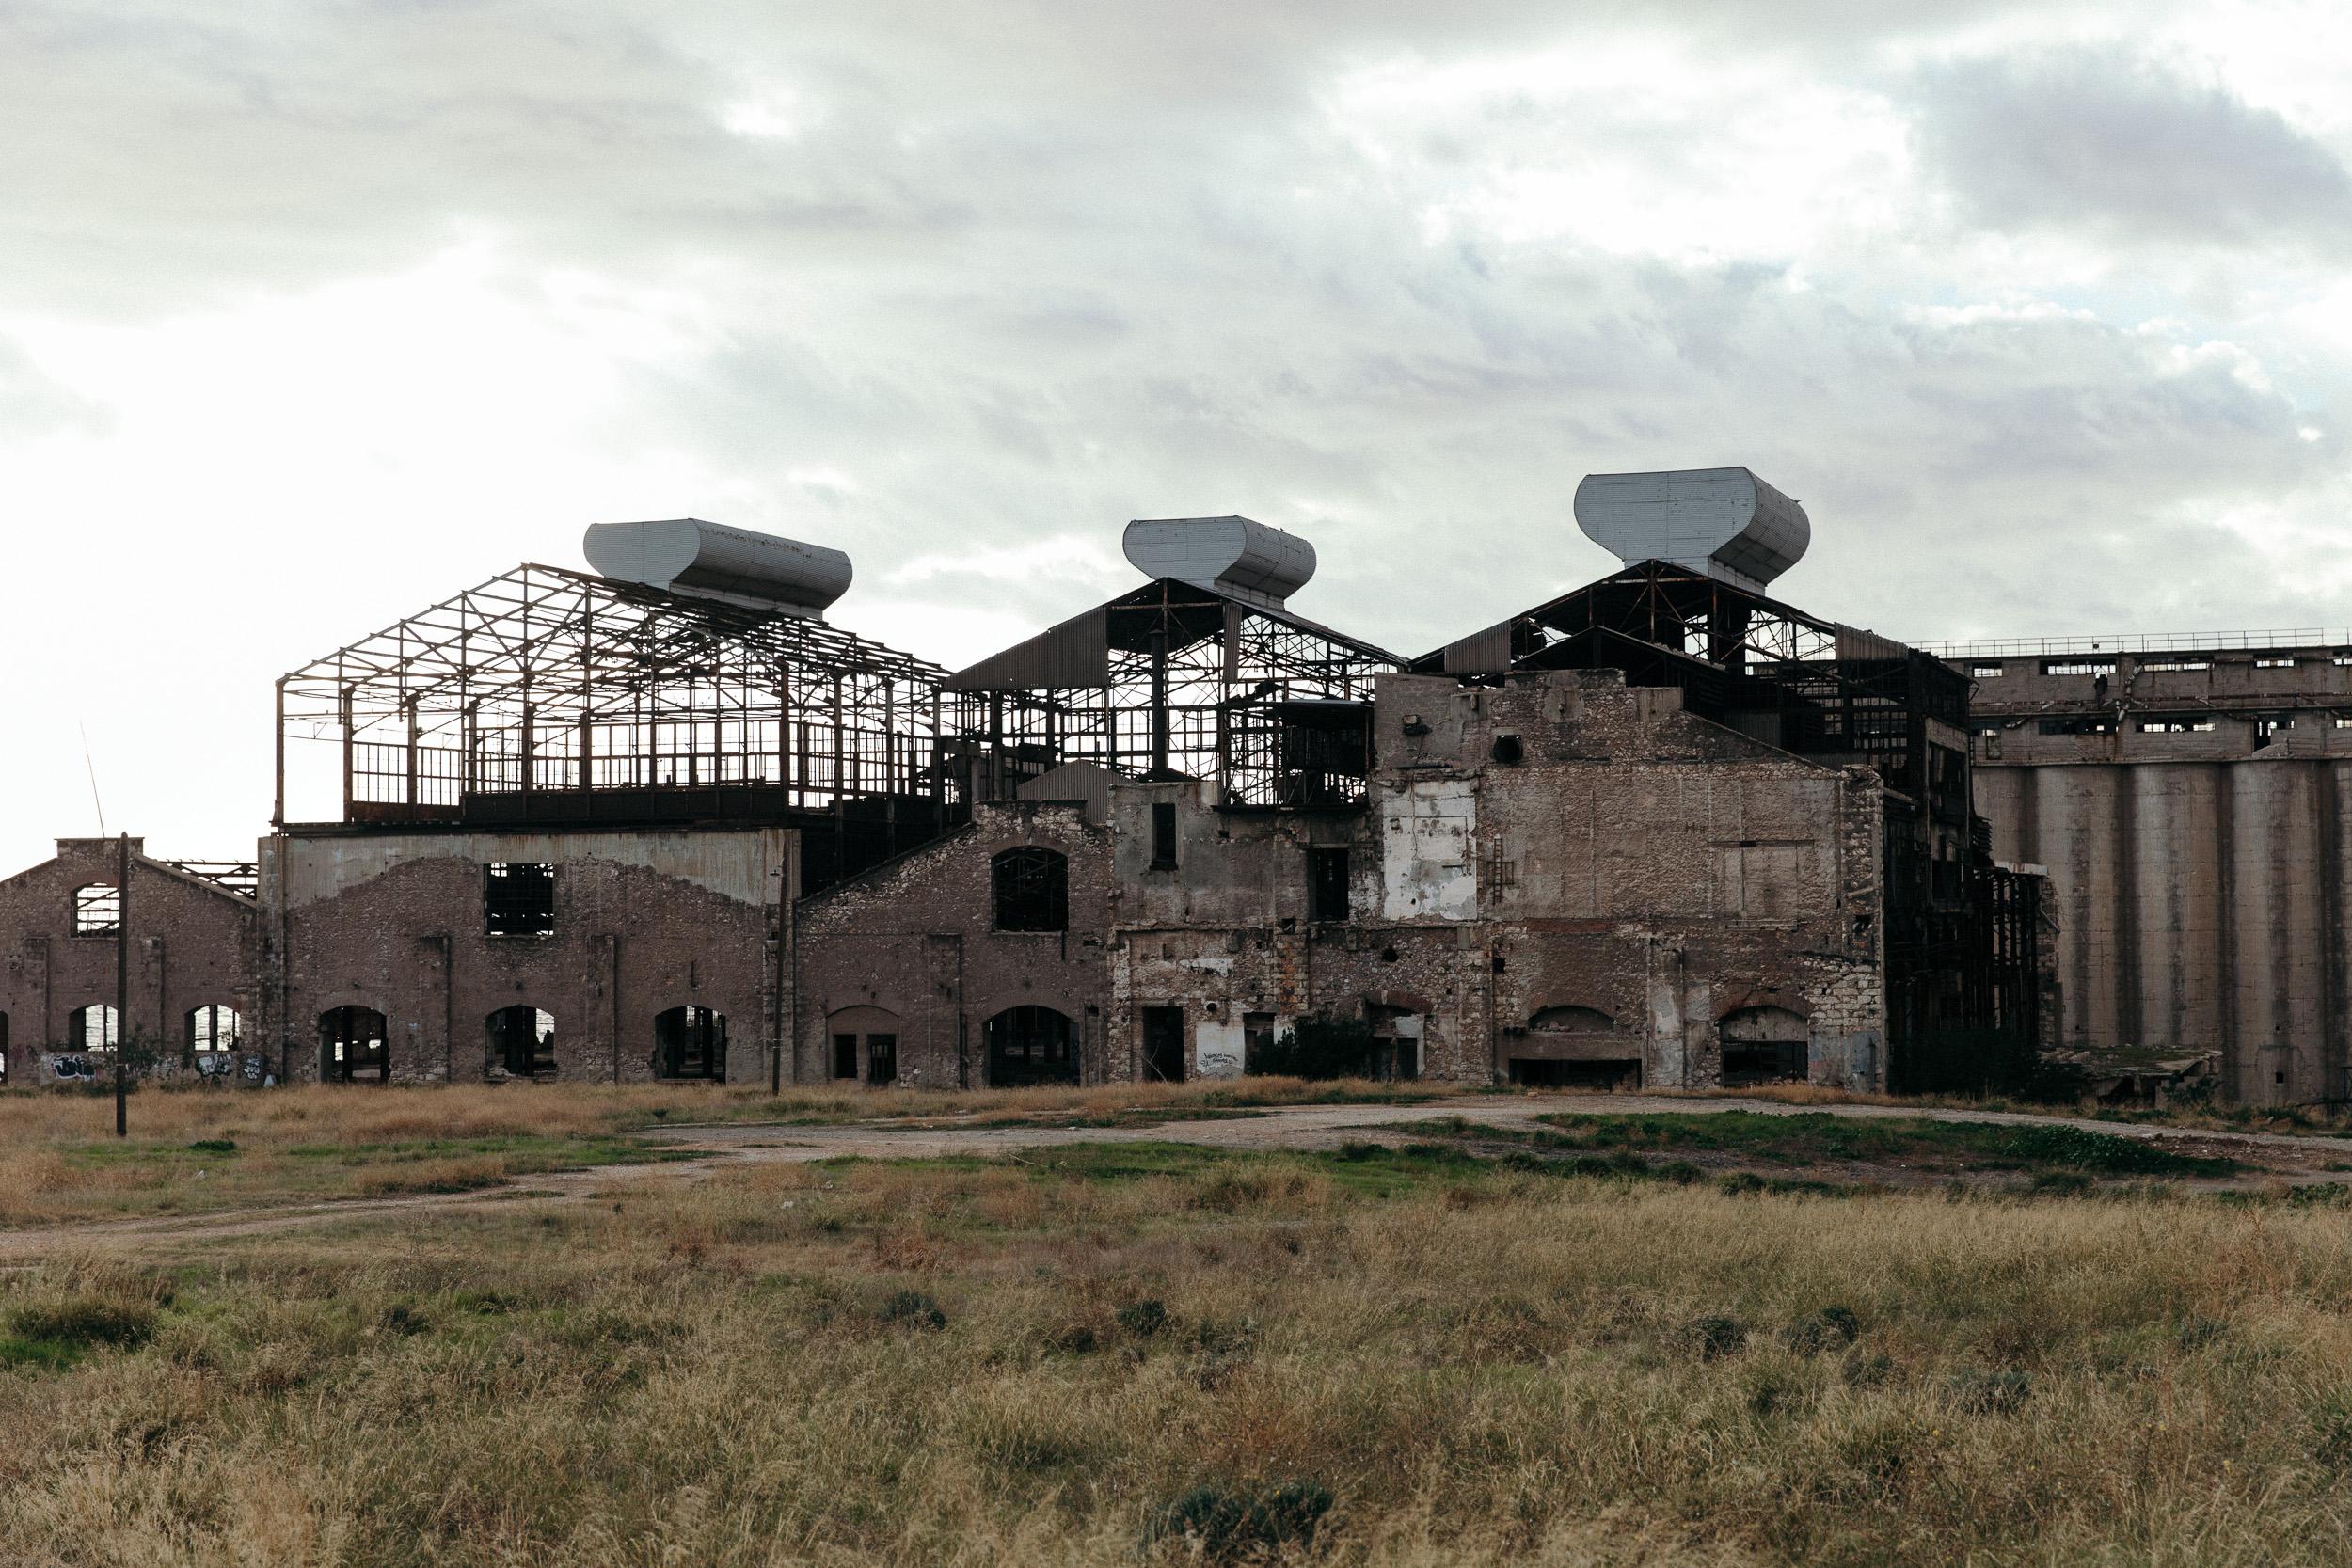 Διεθνές κέντρο καινοτομίας στη Δραπετσώνα